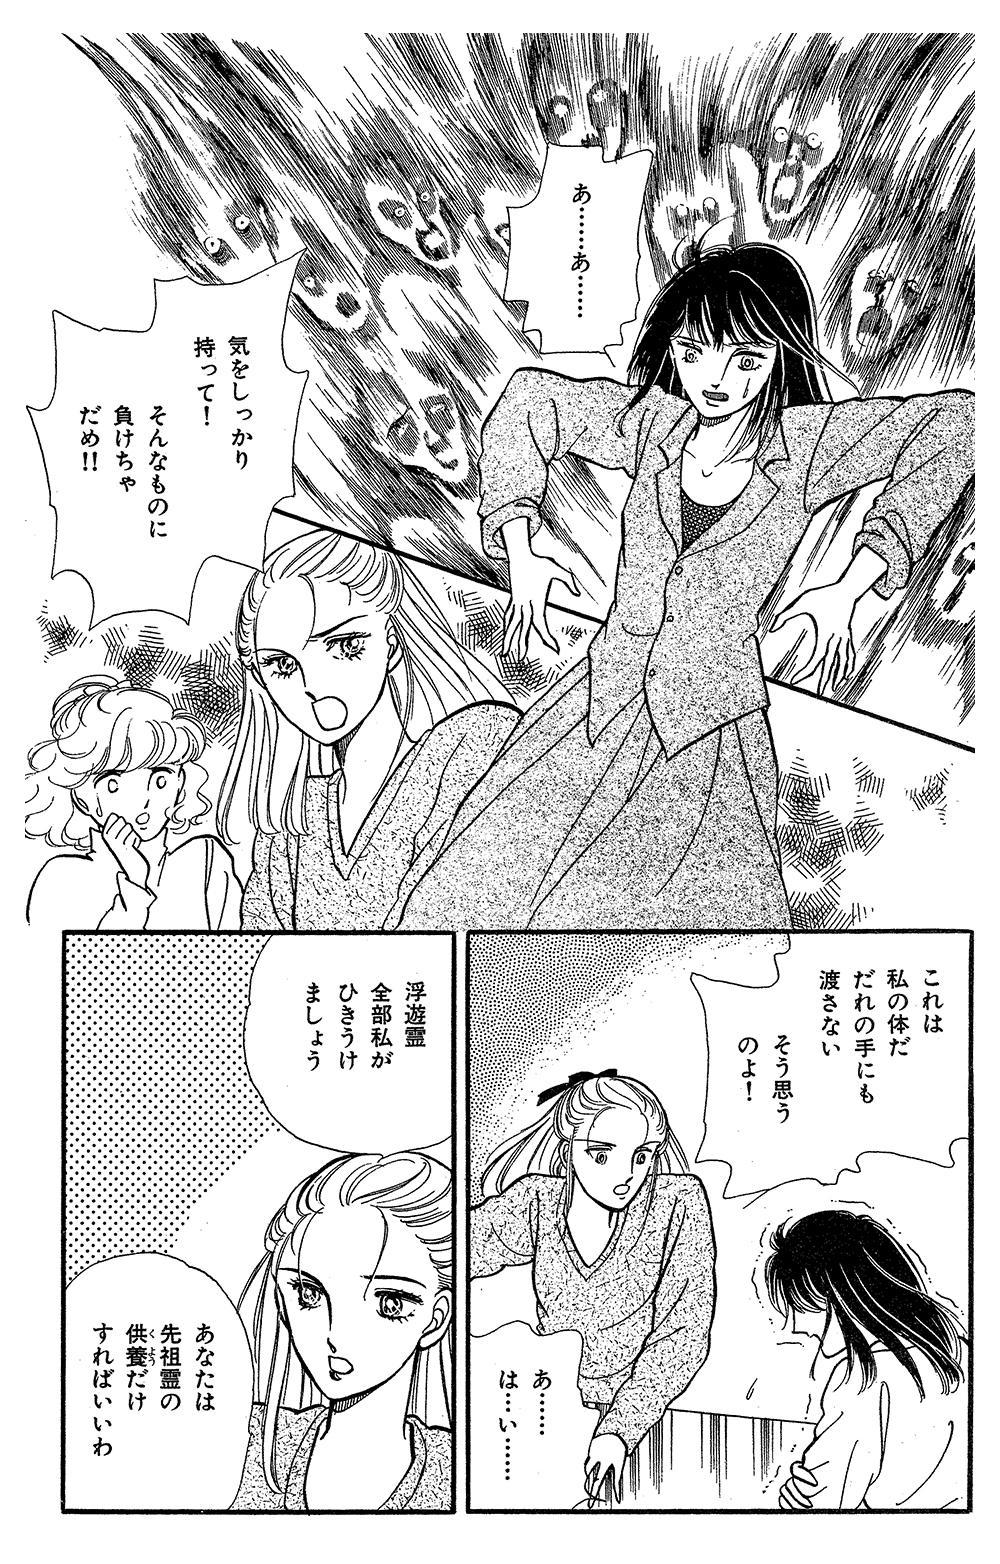 魔百合の恐怖報告  第3話「消えた黒猫」③mayuri09-01.jpg